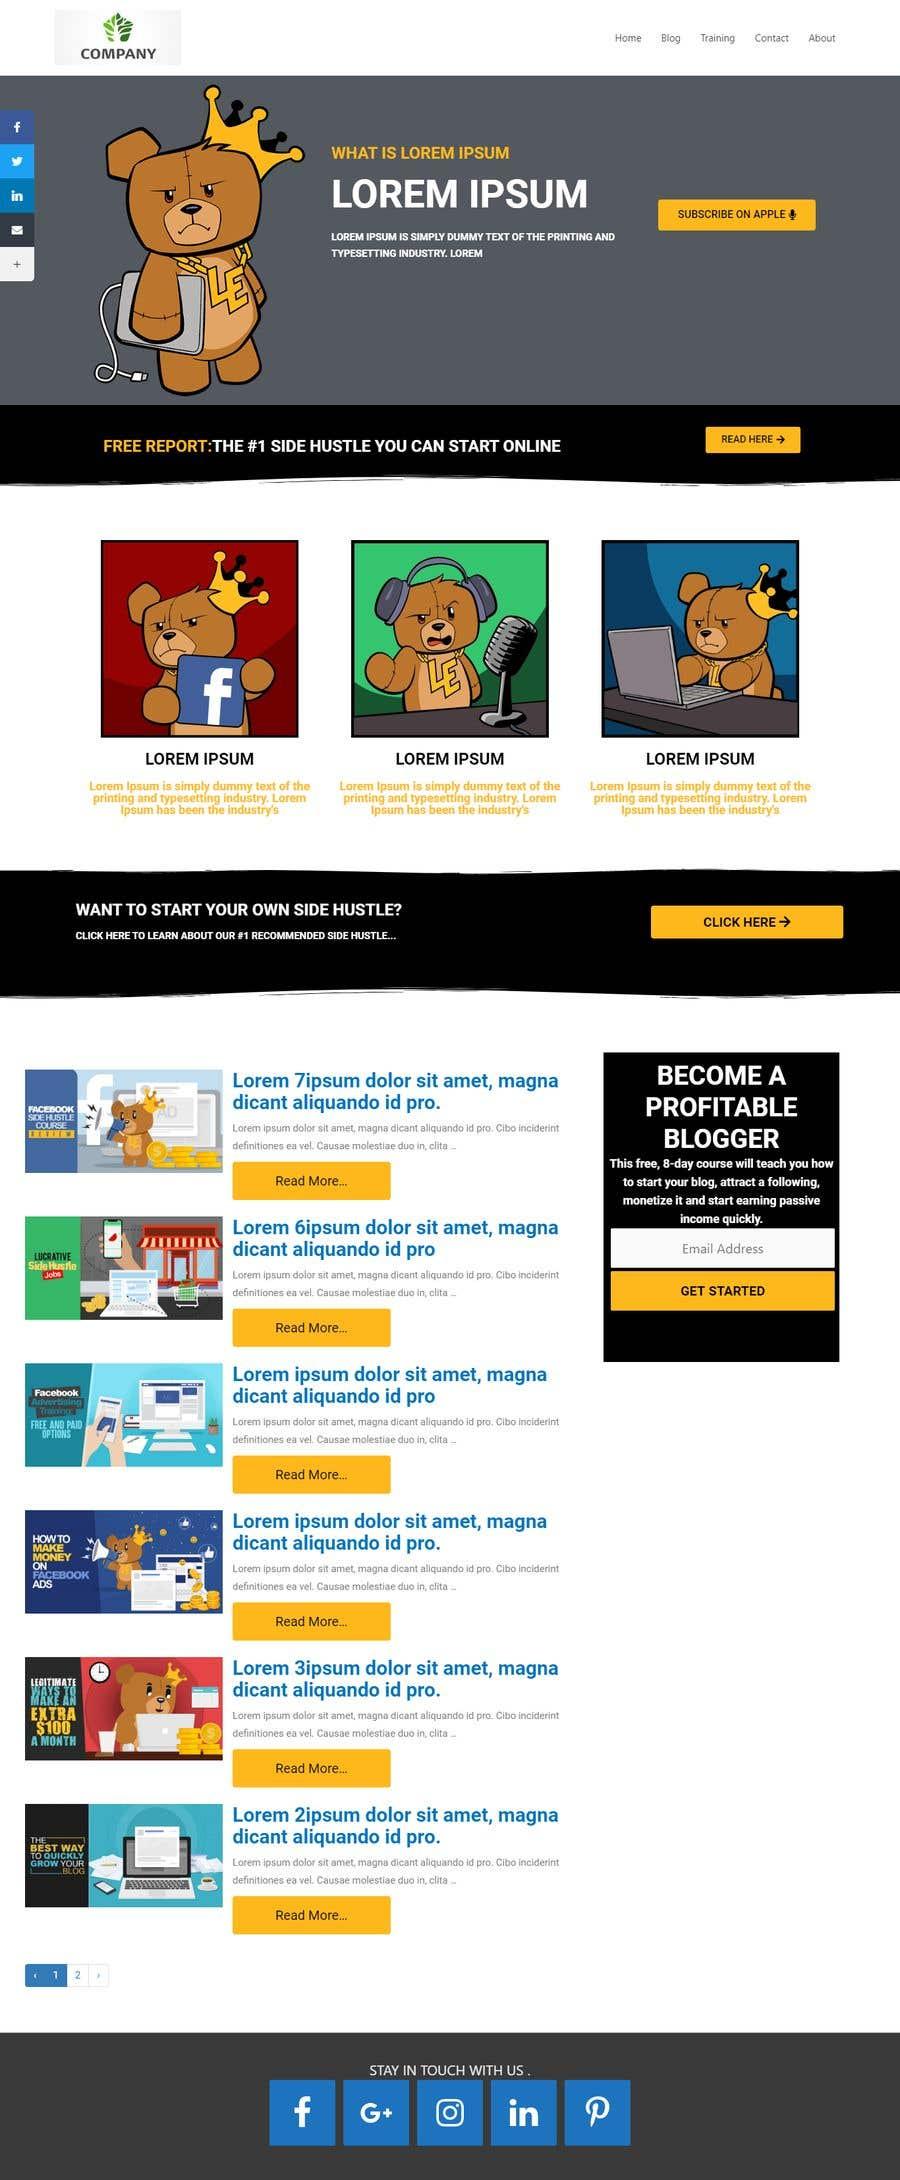 Penyertaan Peraduan #                                        45                                      untuk                                         Design and build a Wordpress blog website